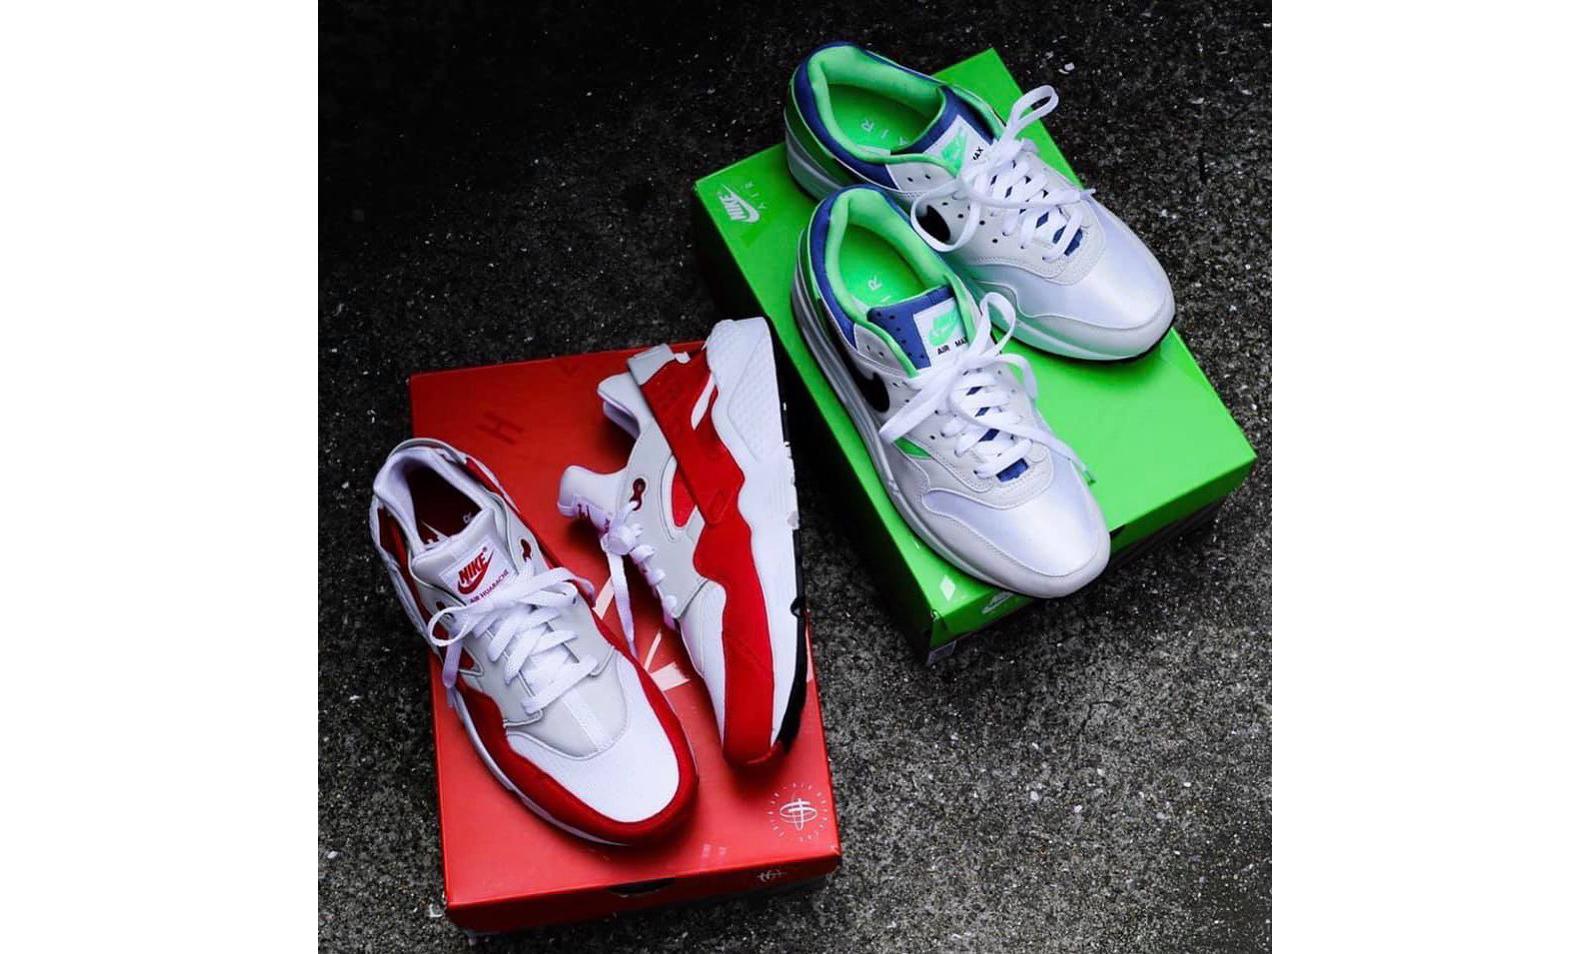 Air Huarache x Air Max 1?Nike 又推出了一双新混合鞋款